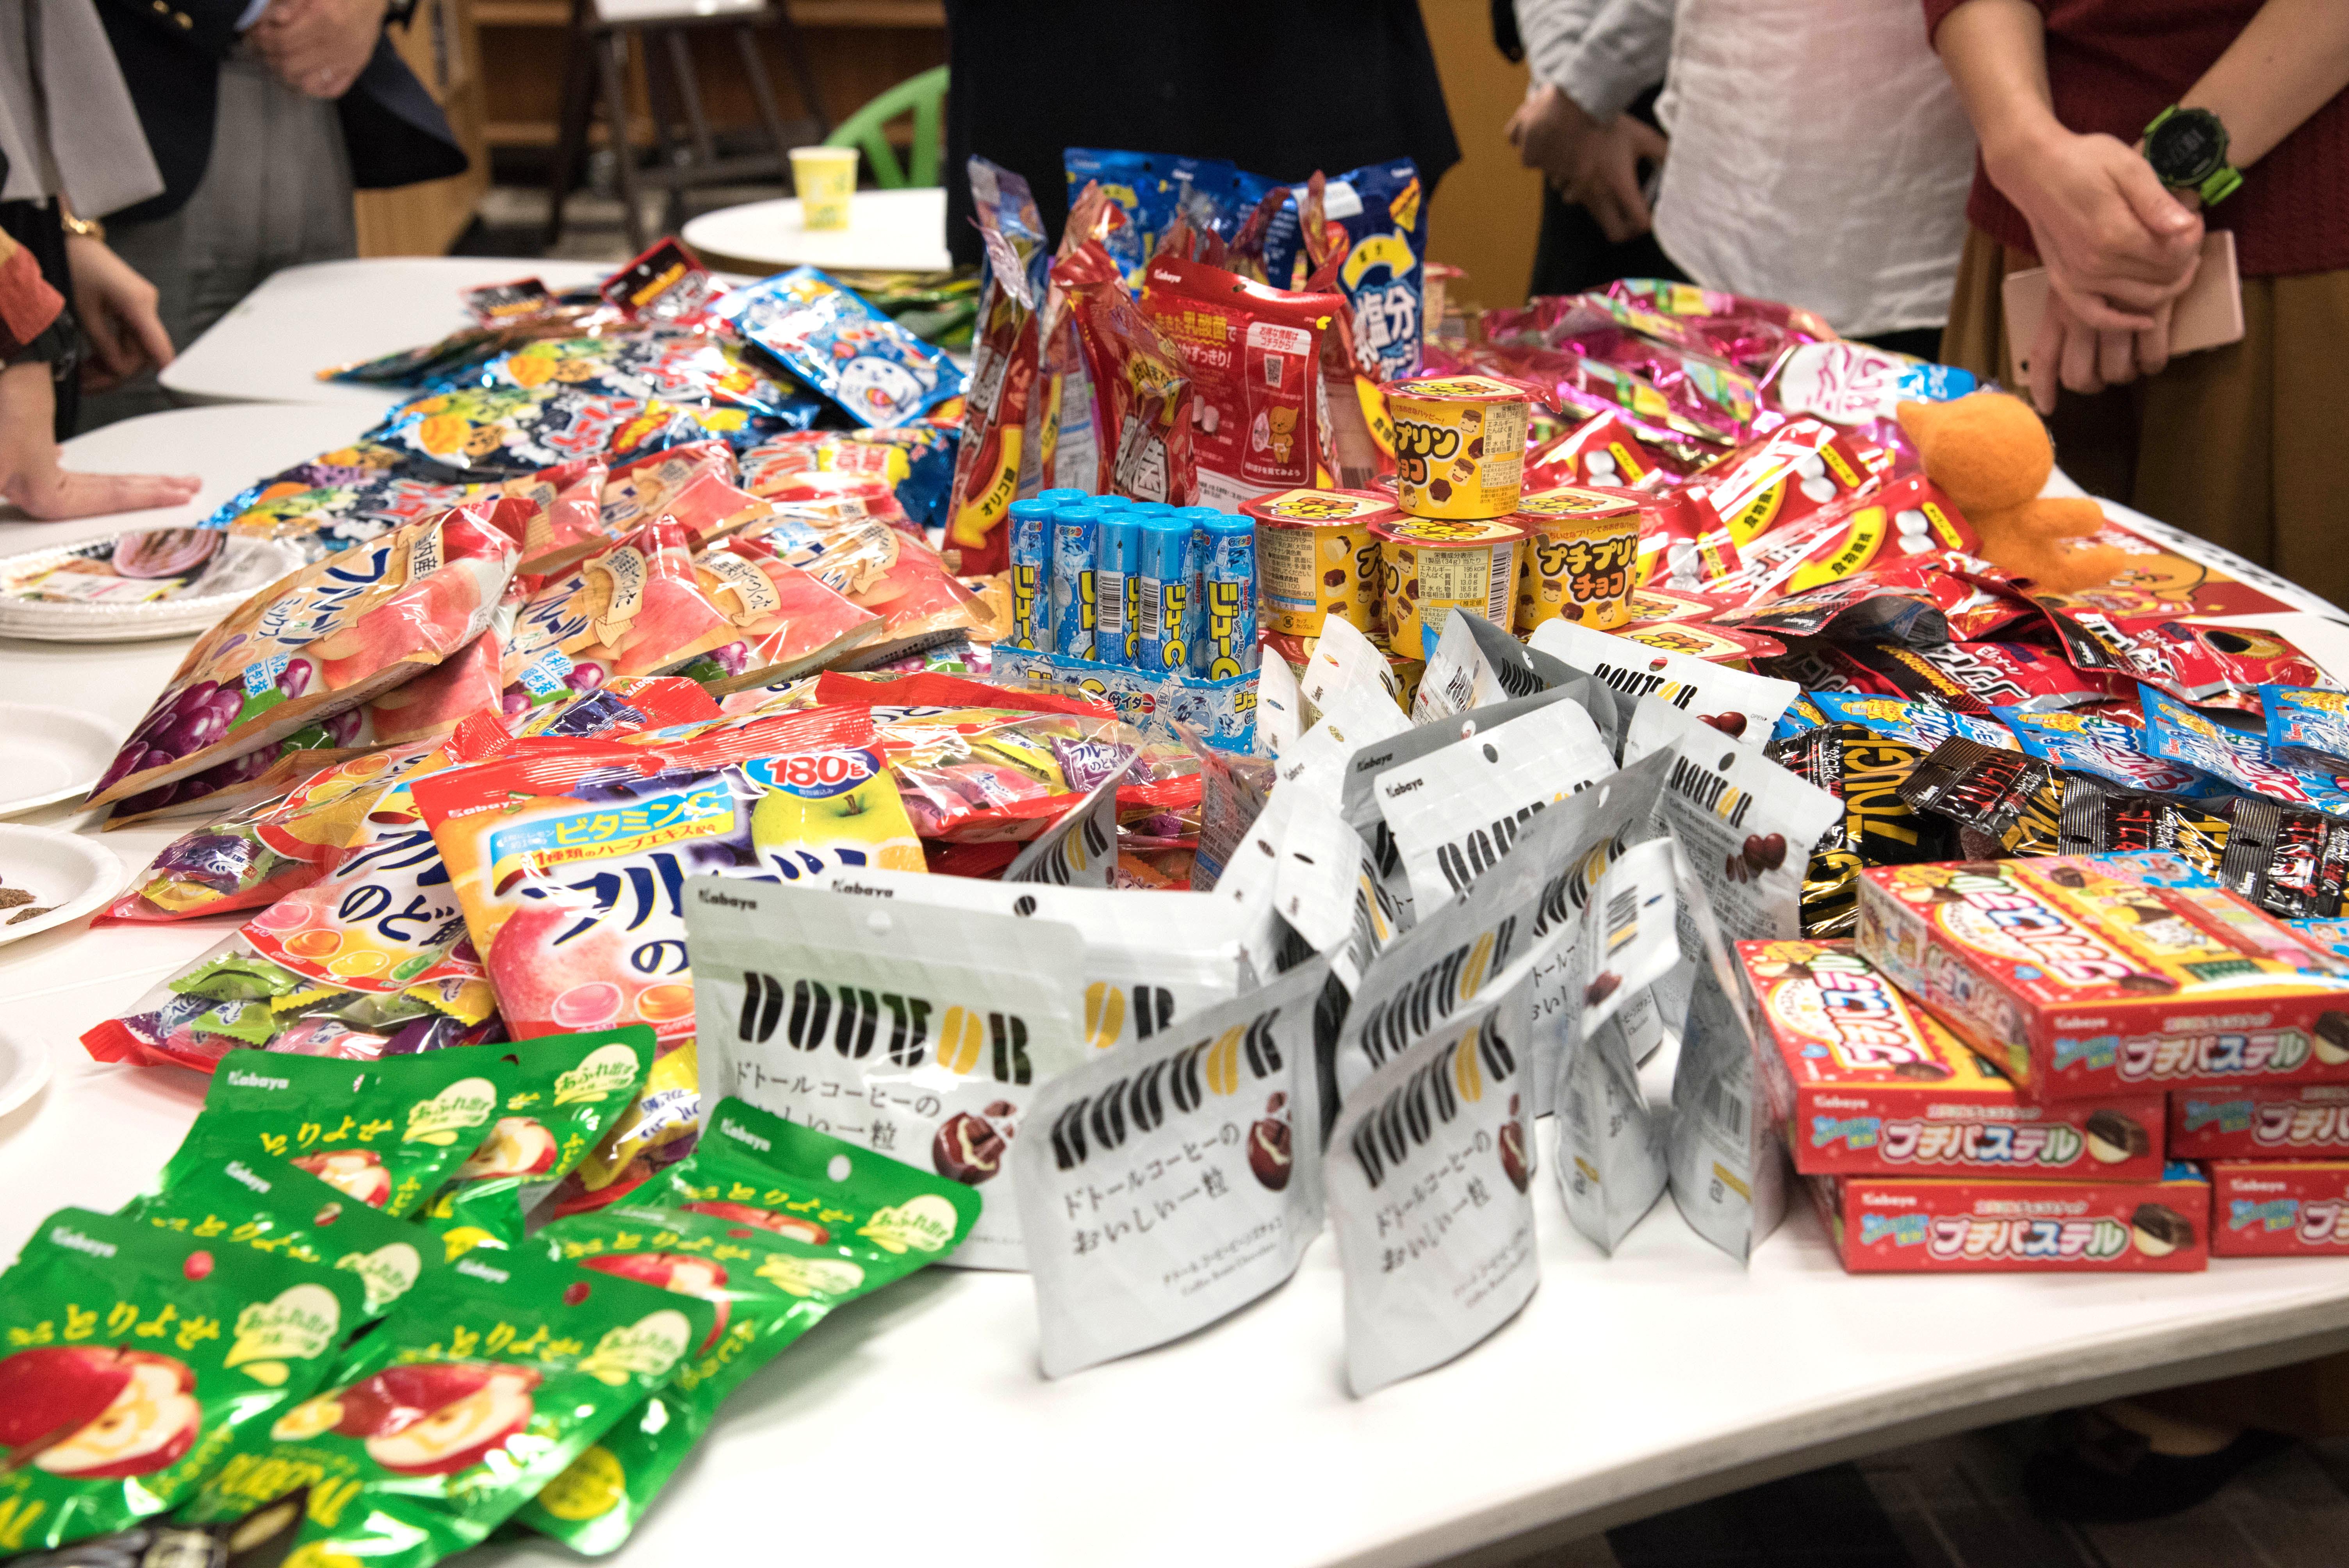 ウンログくん、乳酸菌お菓子のパッケージにのったってよ!お祝いイベントを開催しました!